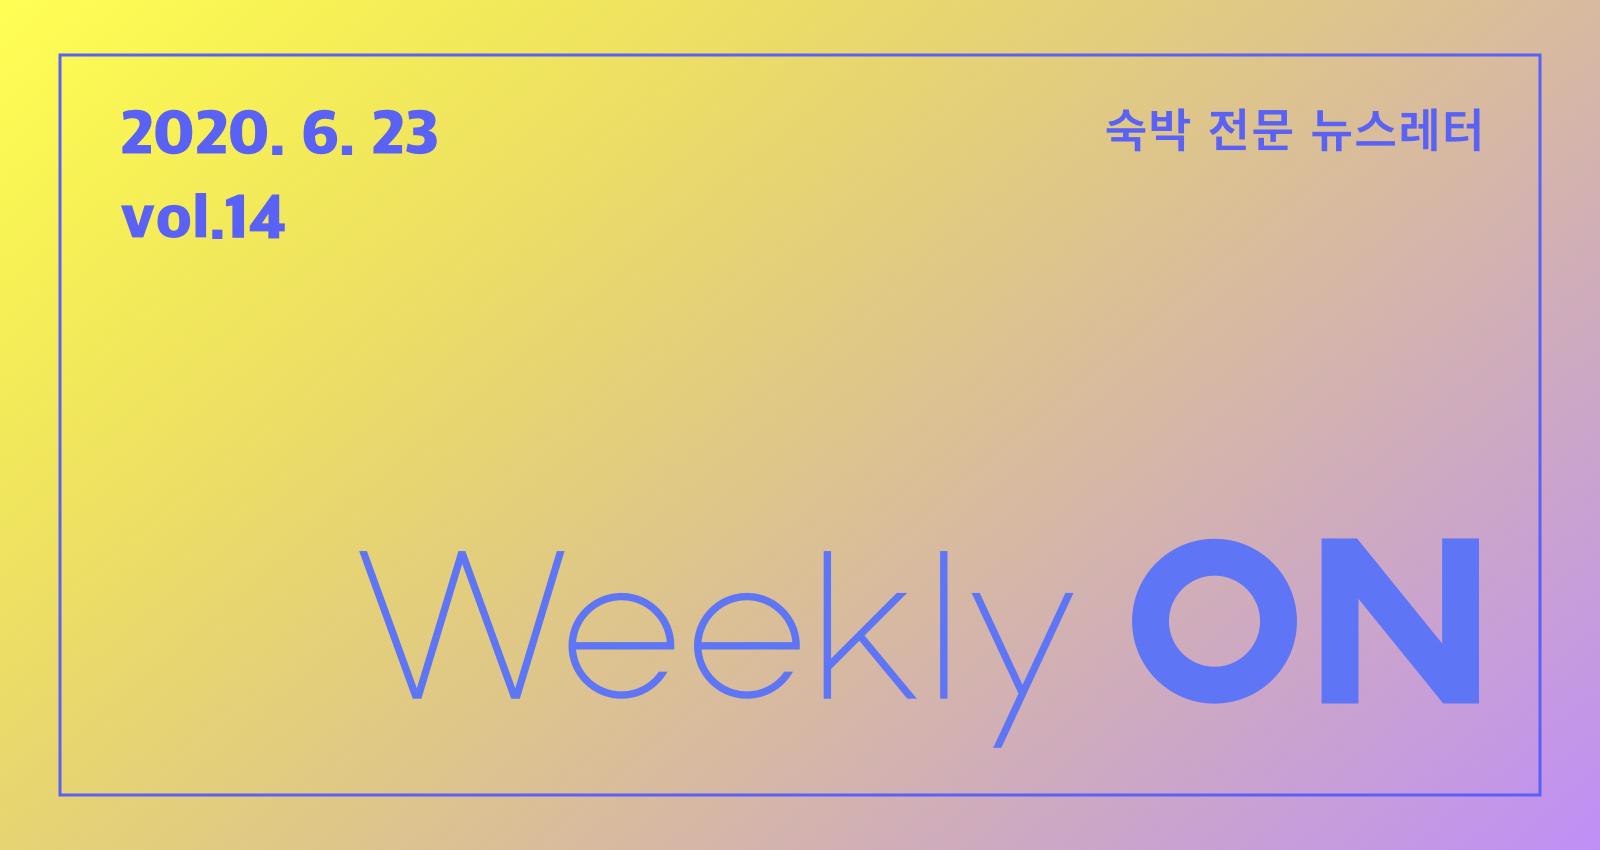 [뉴스레터] Weekly ON 2020년 6월 소식 (2020.06.23 업데이트)